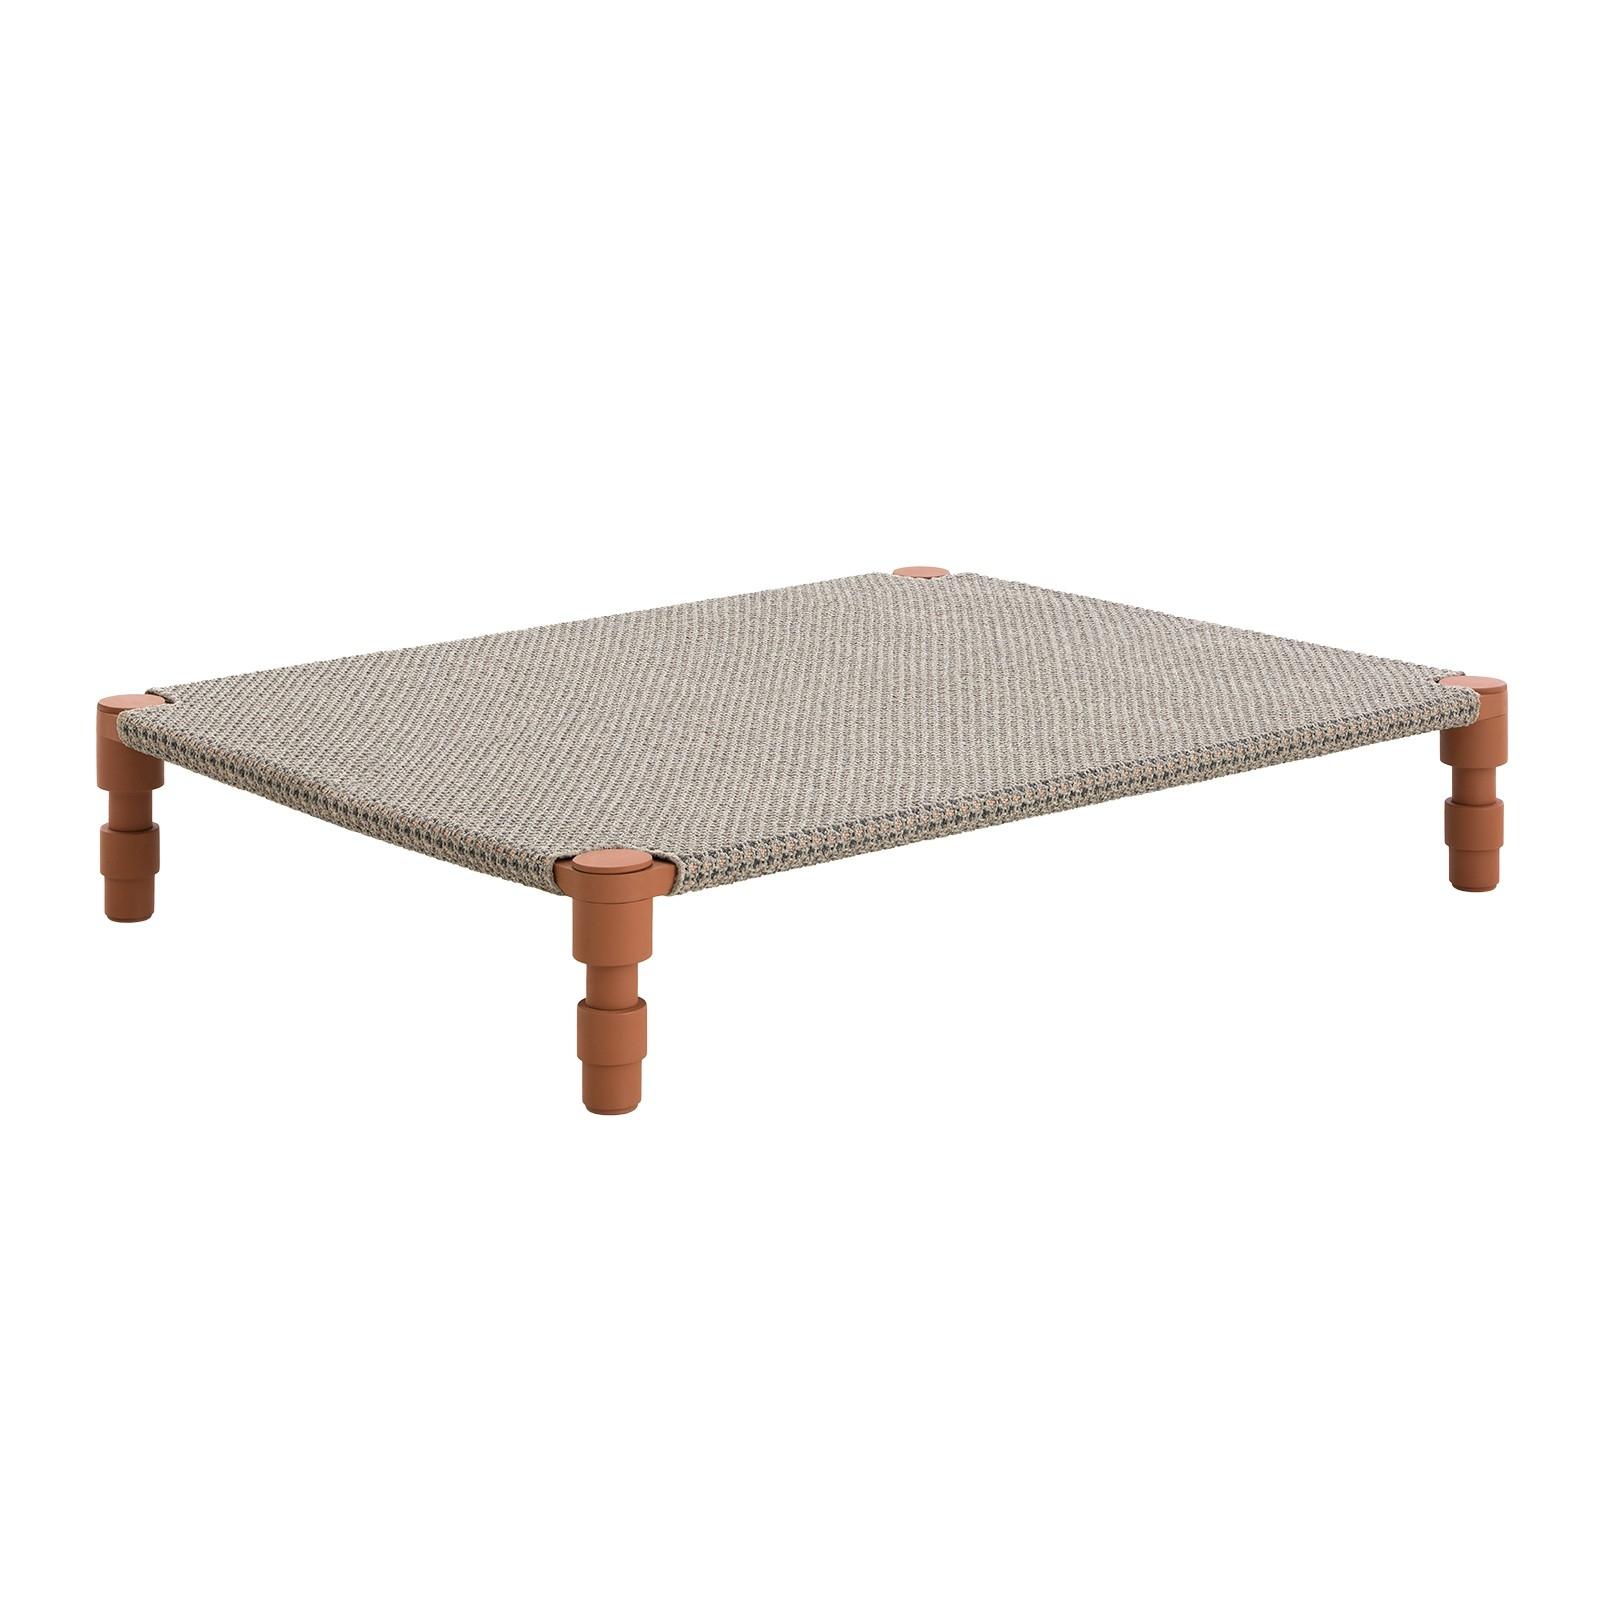 Designové zahradní sedačky Garden Layers Indian Bed Terracotta